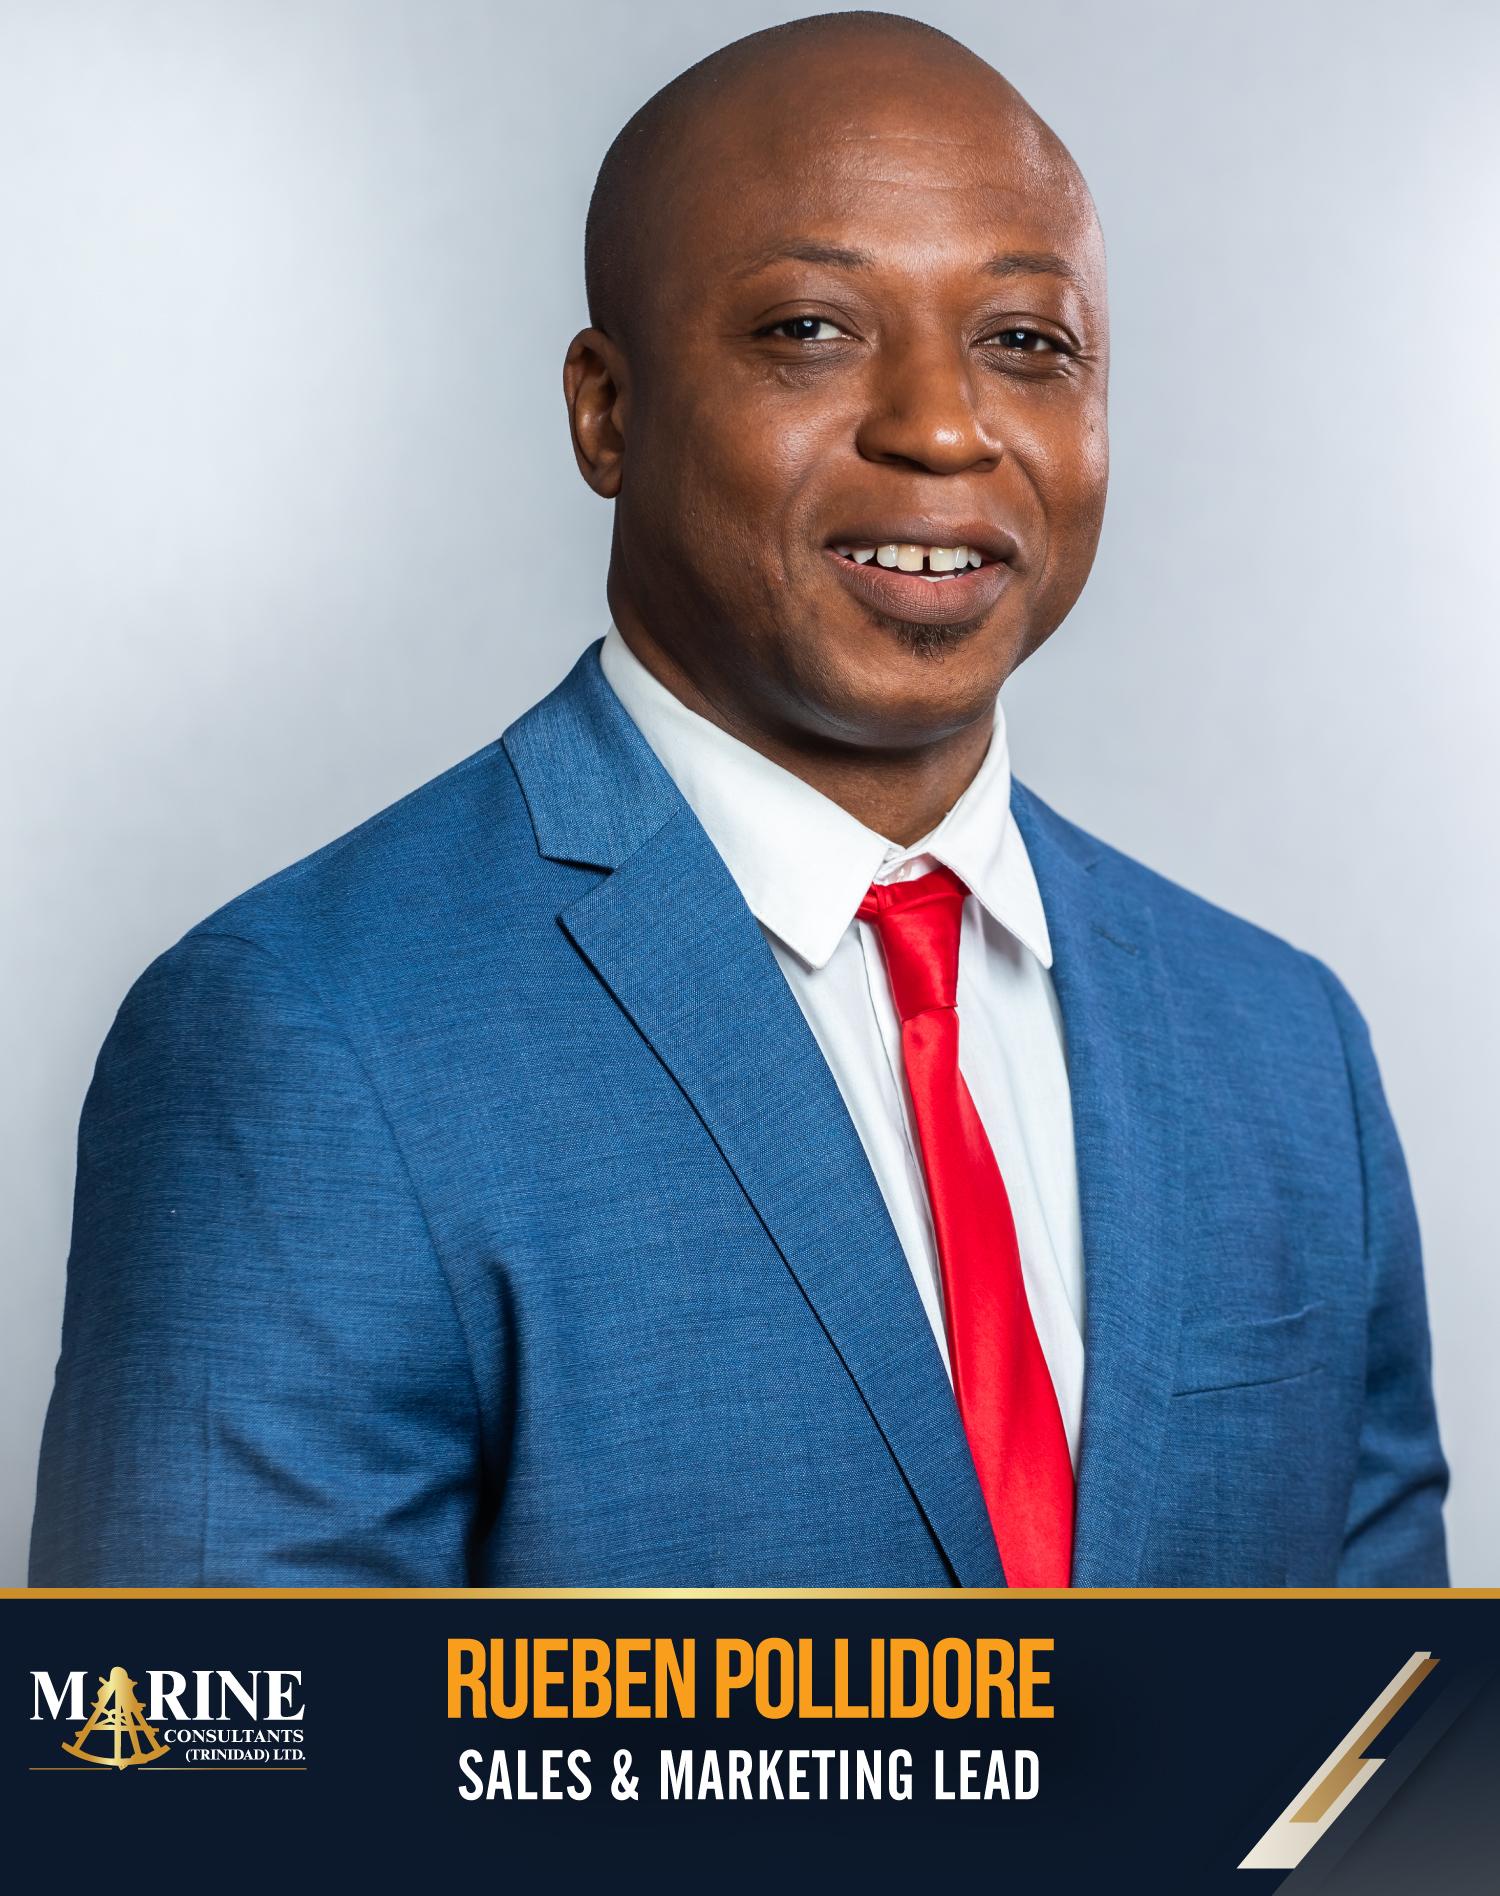 Rueben Pollidore